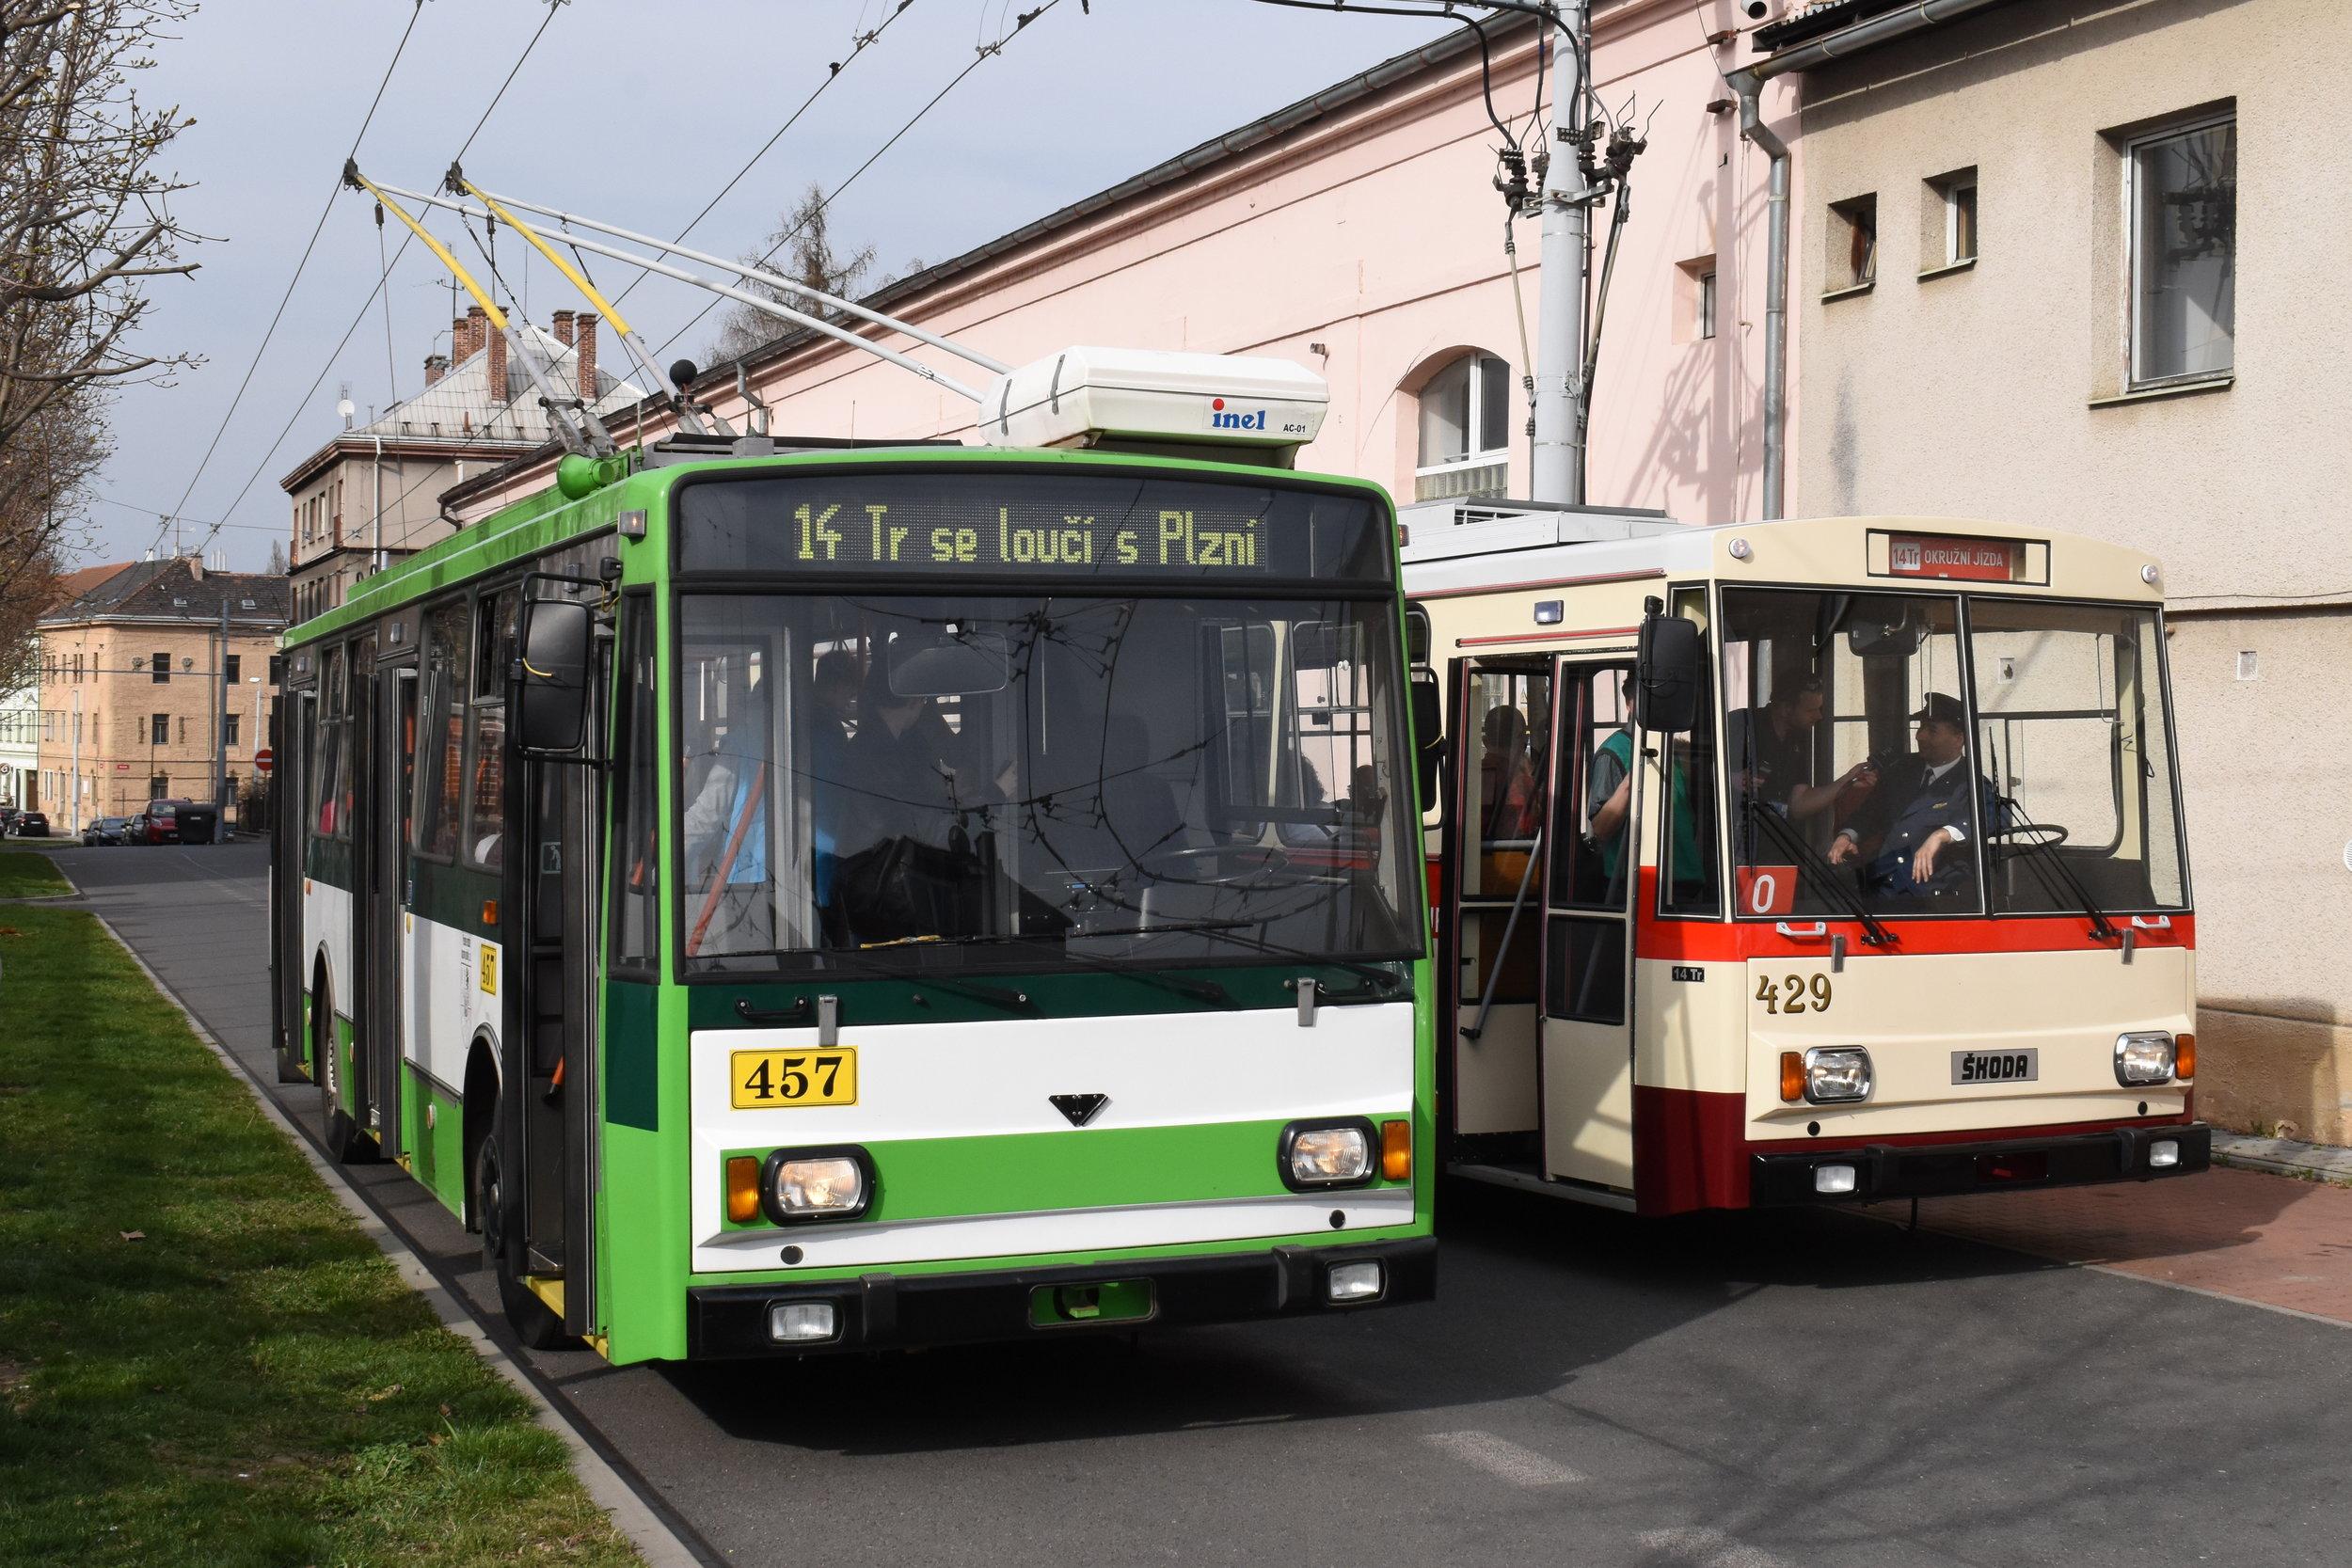 Trolejbusy Škoda 14 Tr patřily ke koloritu Plzně téměř 40 let. Během nich se podoba trolejbusů této typové řady výrazně změnila. (foto: Zdeněk Kresa)